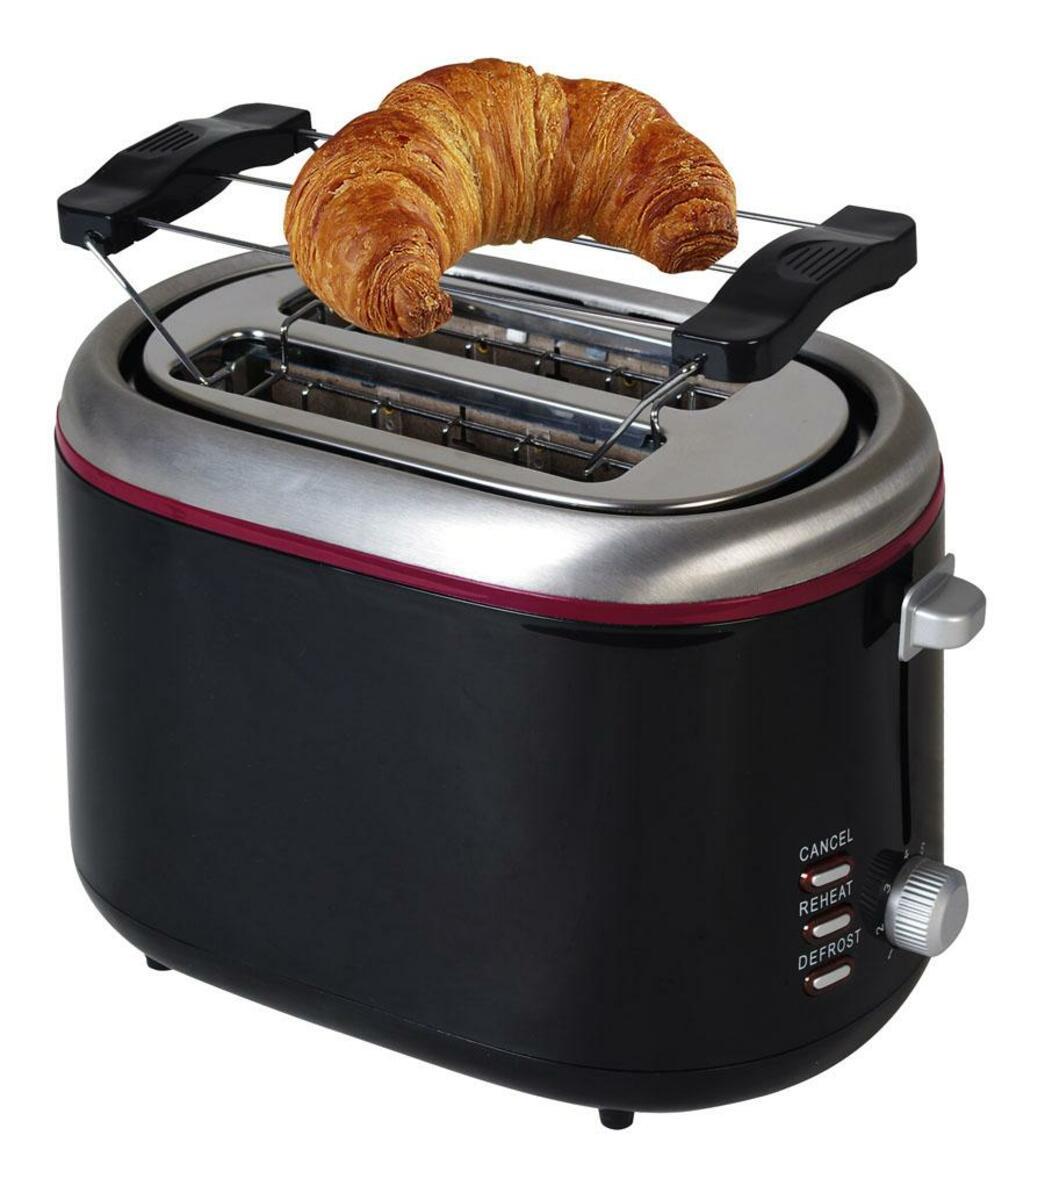 Bild 1 von Kalorik 2-Scheiben Design-Toaster TKG TO 1020 Schwarz mit rotem Highlight